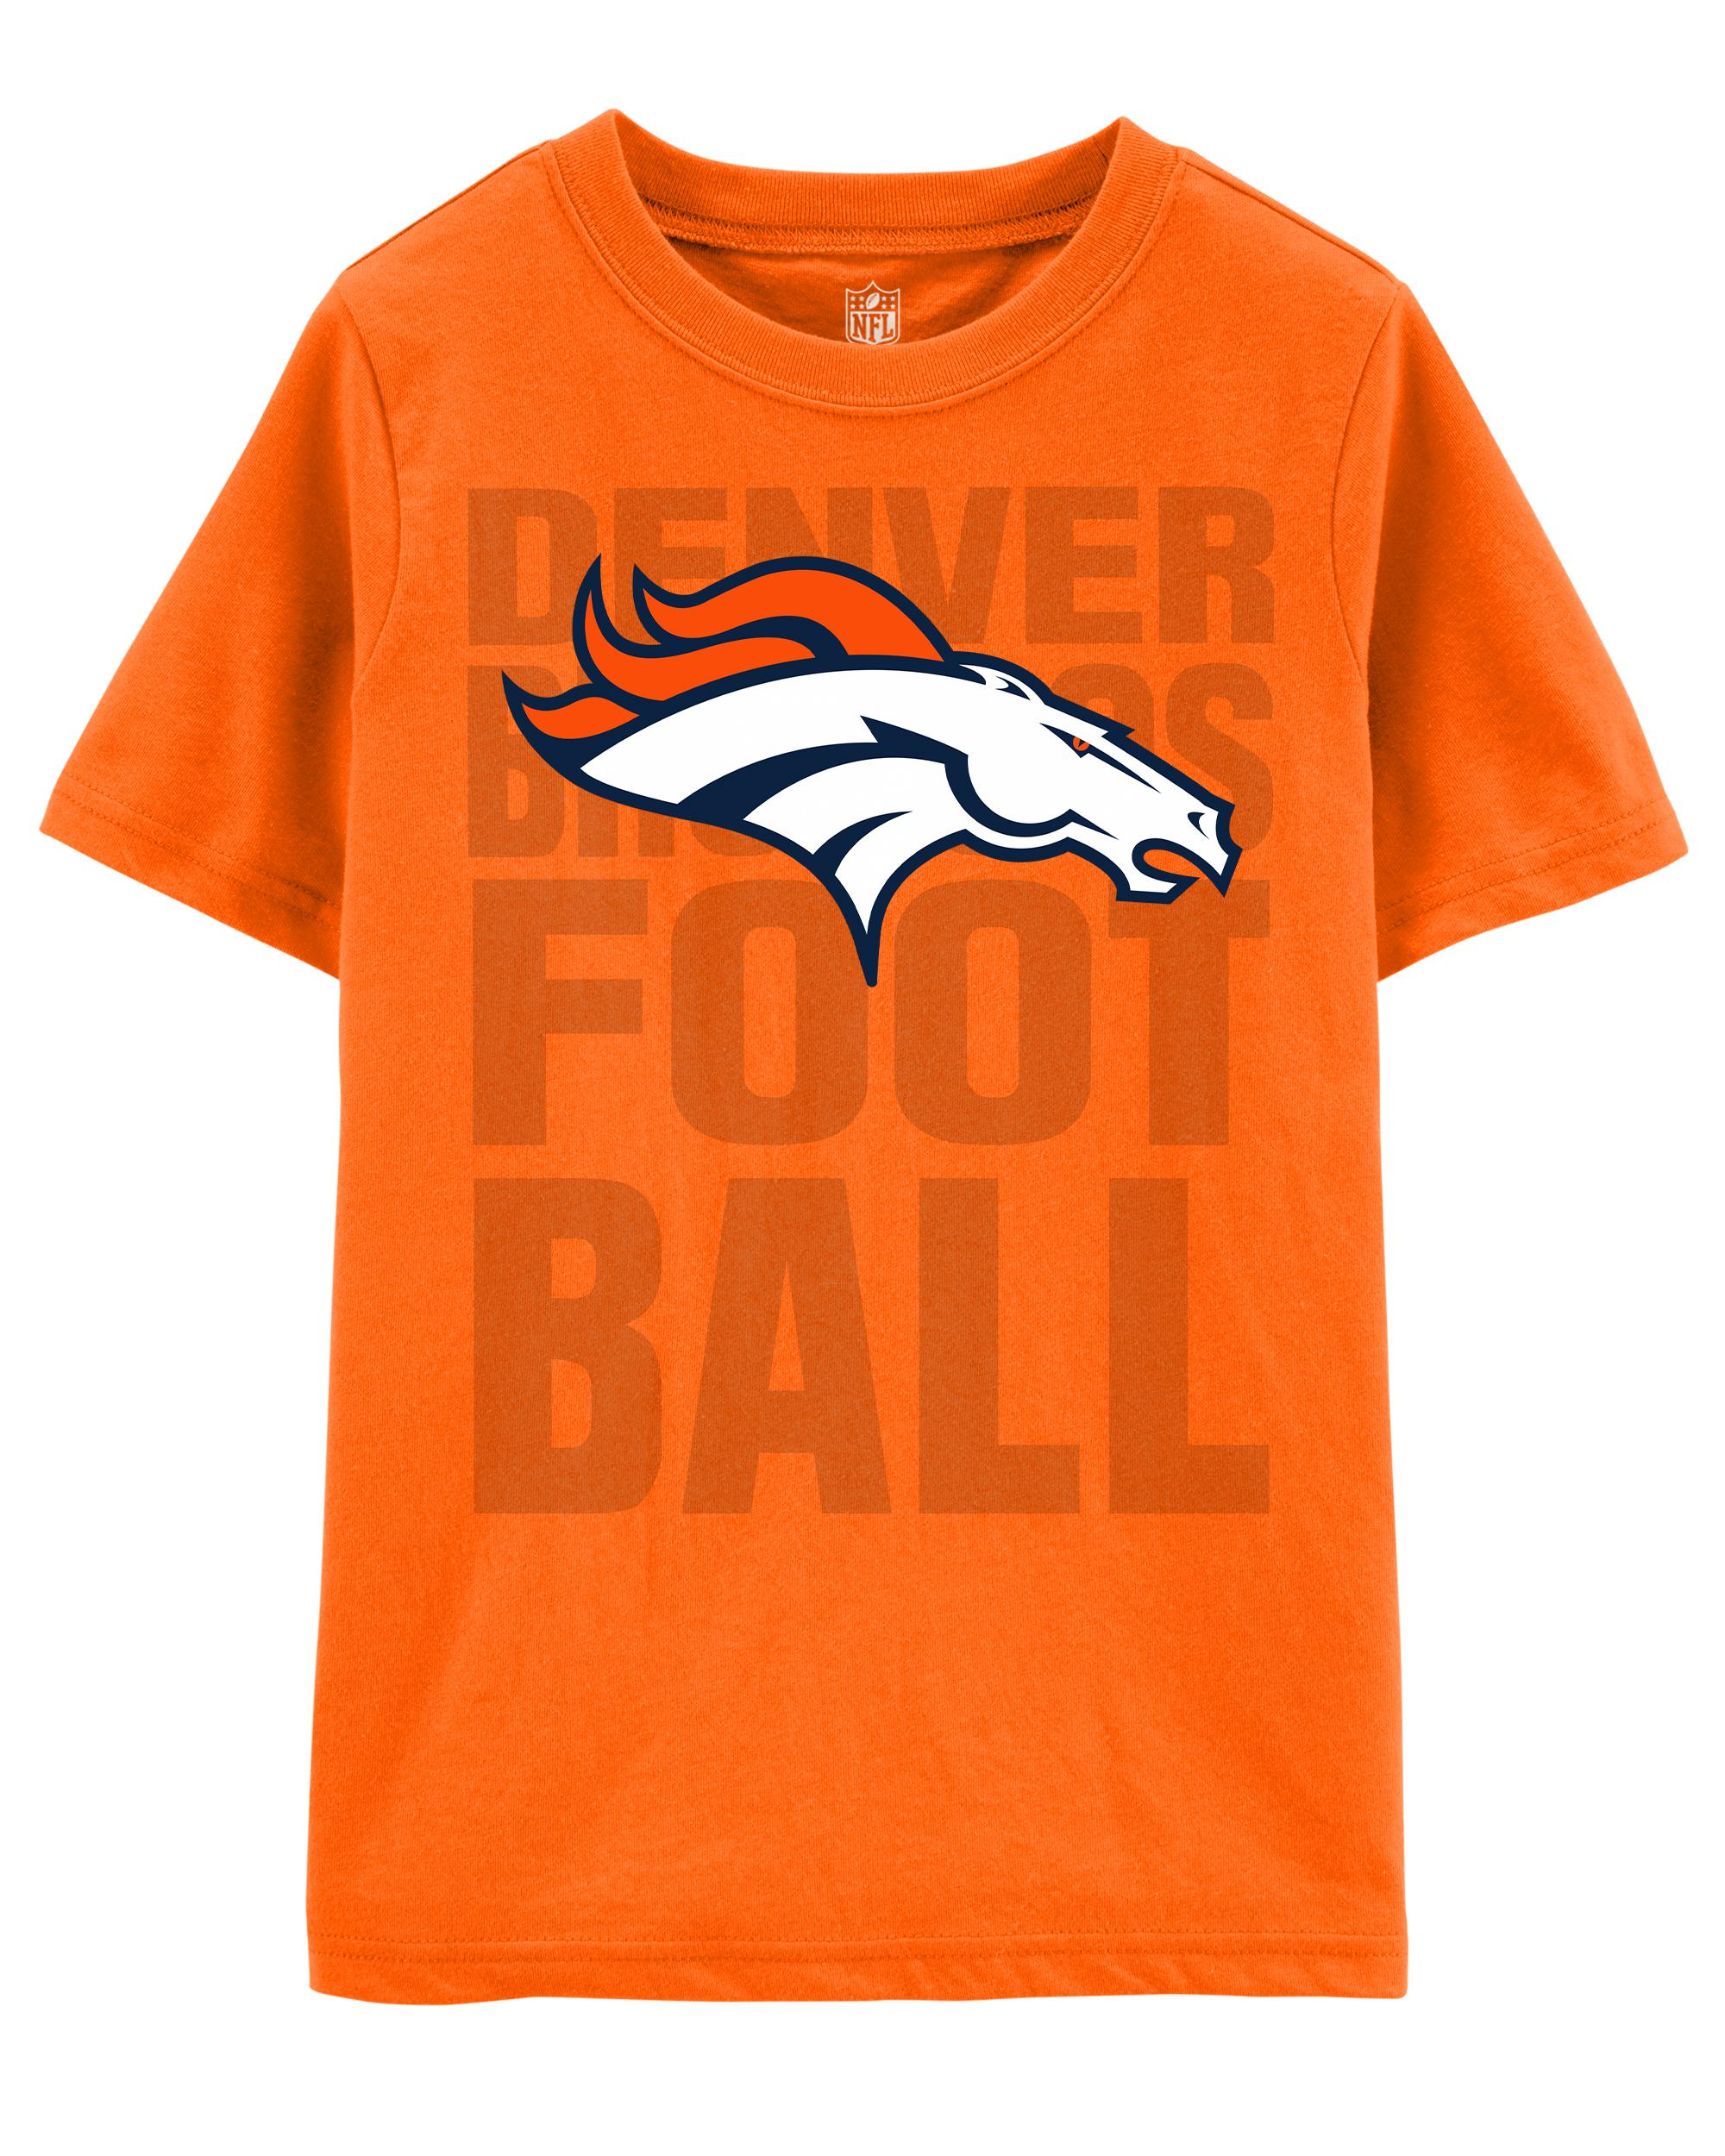 b8aa05b3 NFL Denver Broncos Tee | oshkosh.com